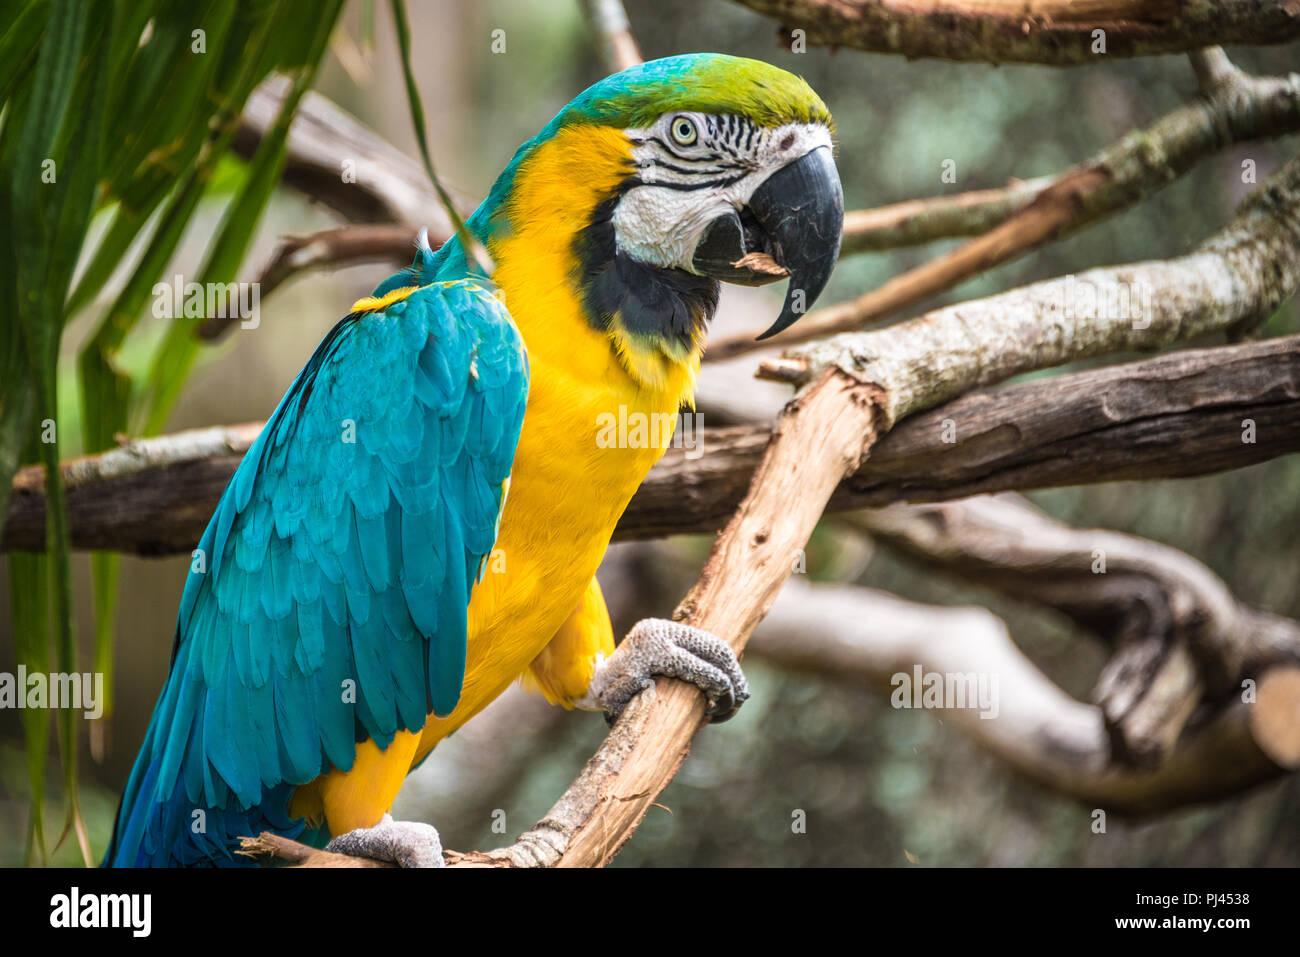 Eine bunte in Blau und Gold macaw (auch als blau-gelb Macaw) im St. Augustine Alligator Farm Tierpark in St. Augustine, FL bekannt. (USA) Stockbild